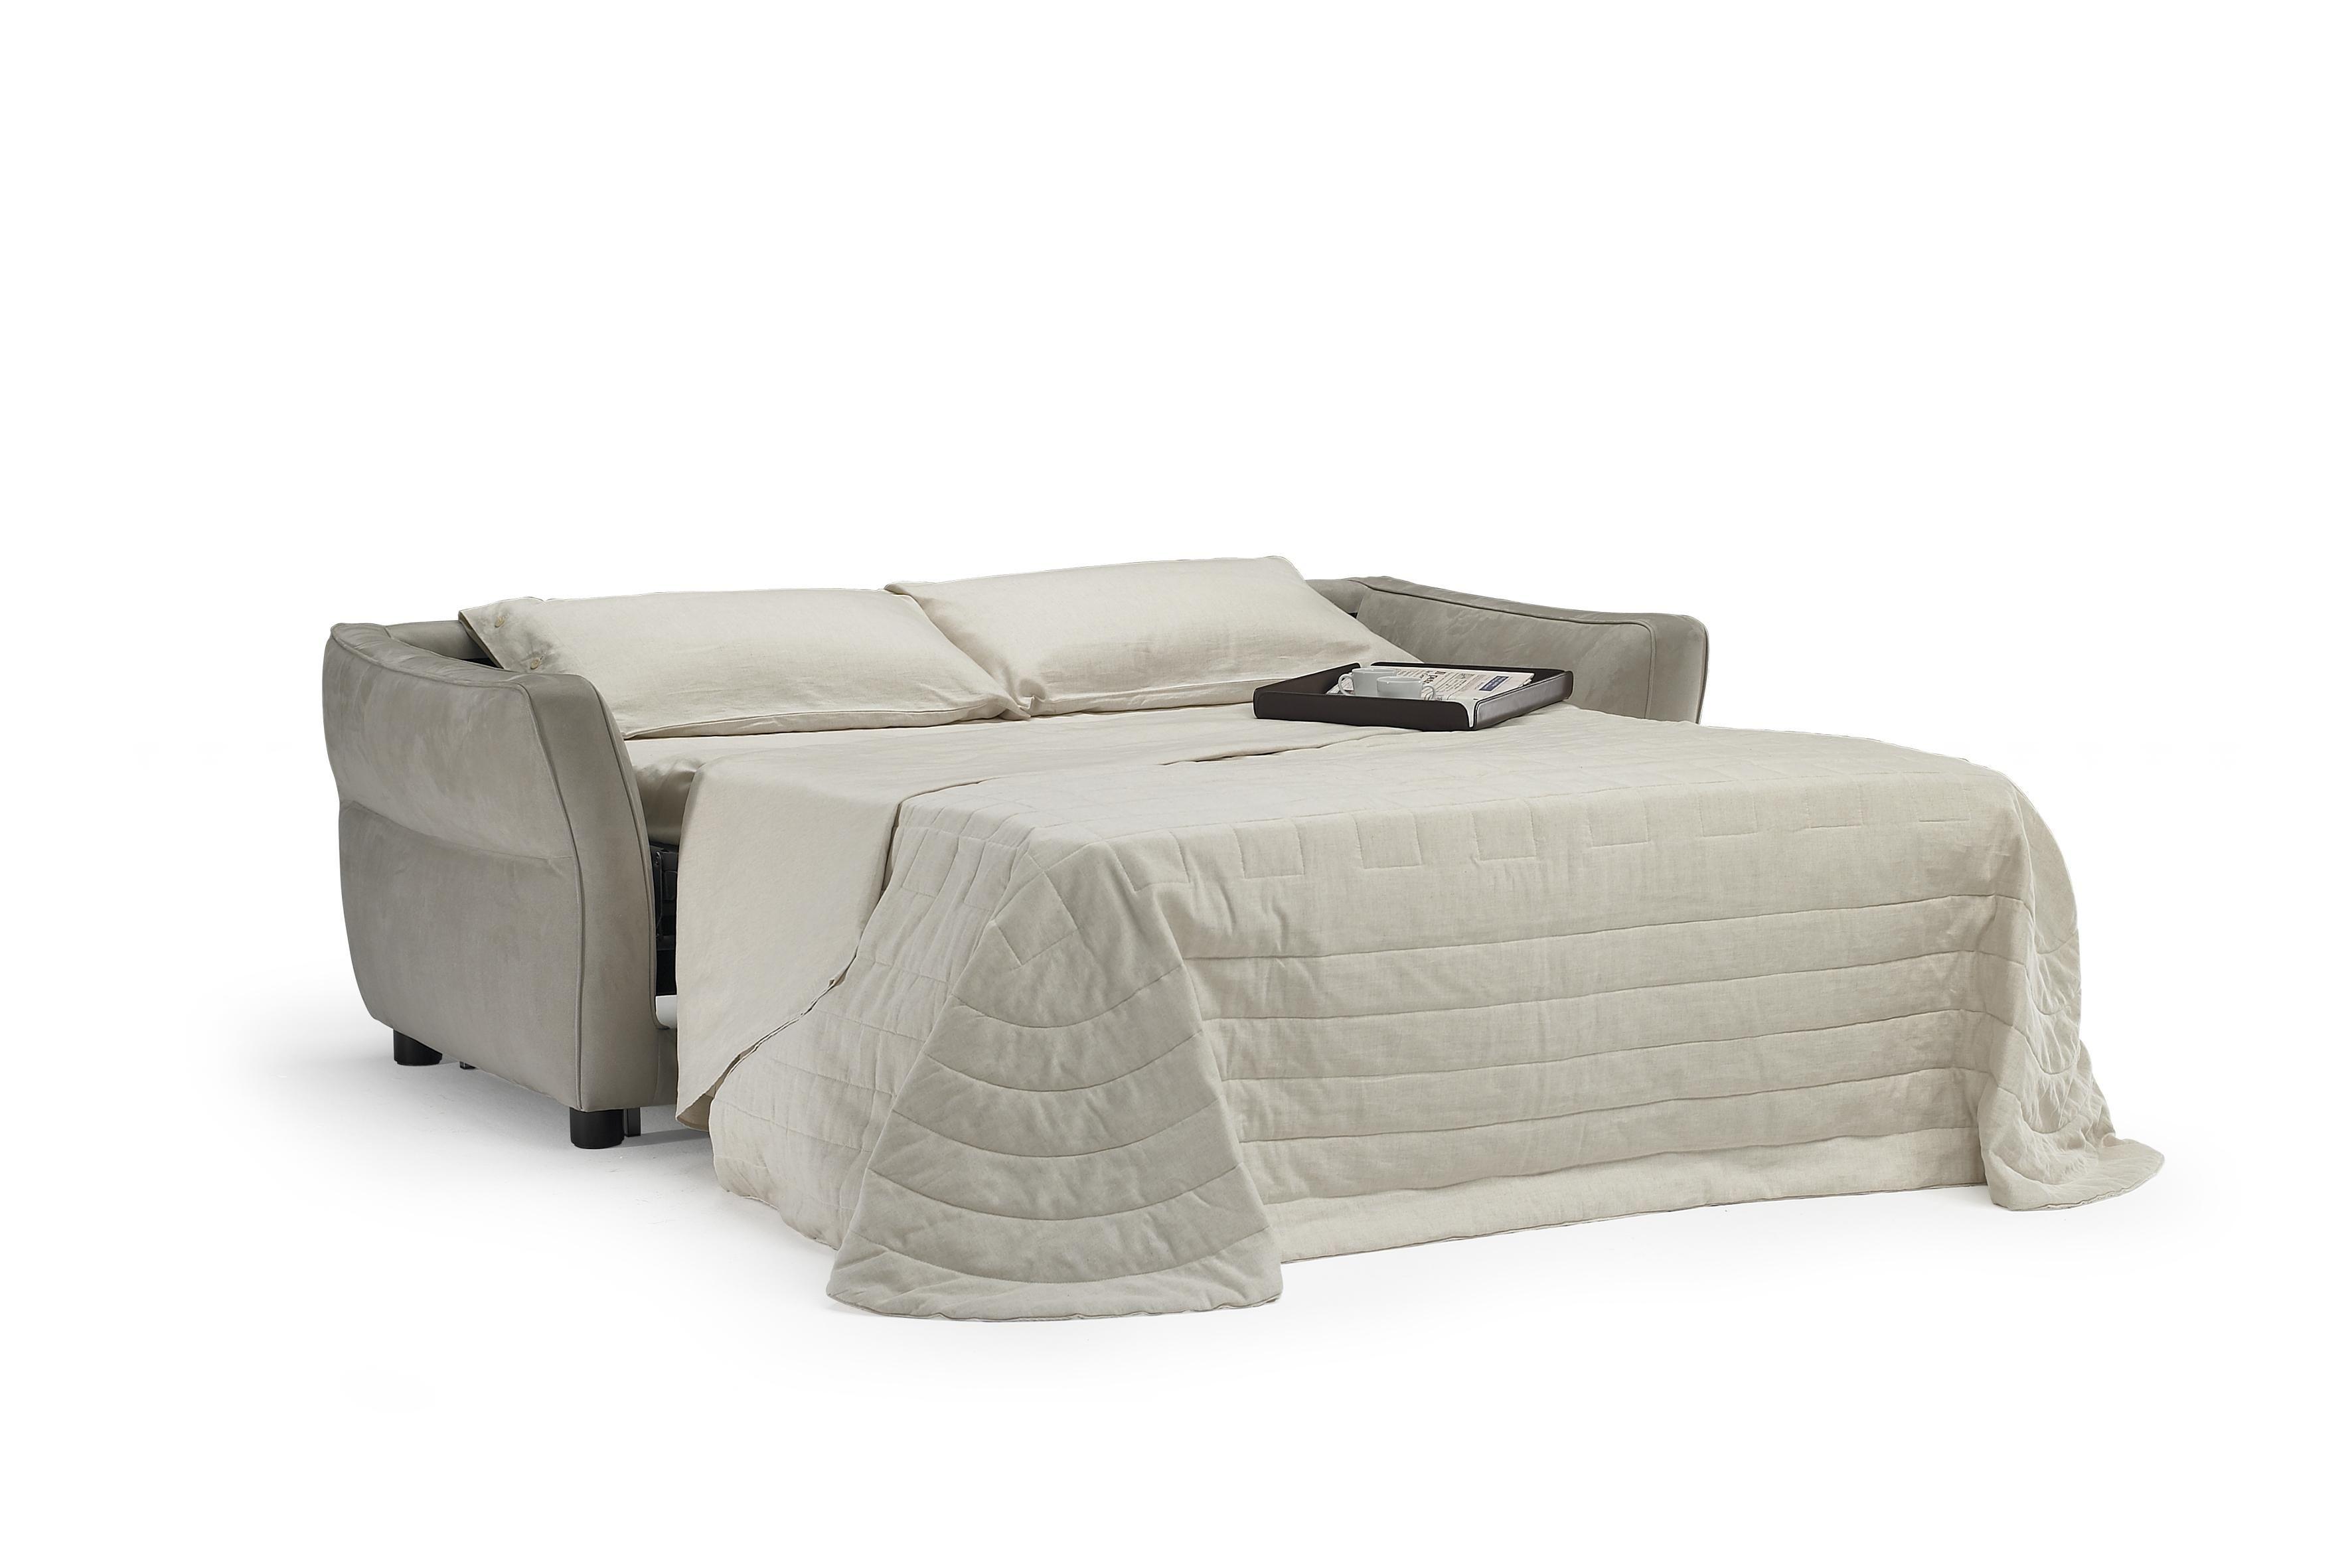 Notturno Sofa Bed from Natuzzi Italia Natuzzi Italia